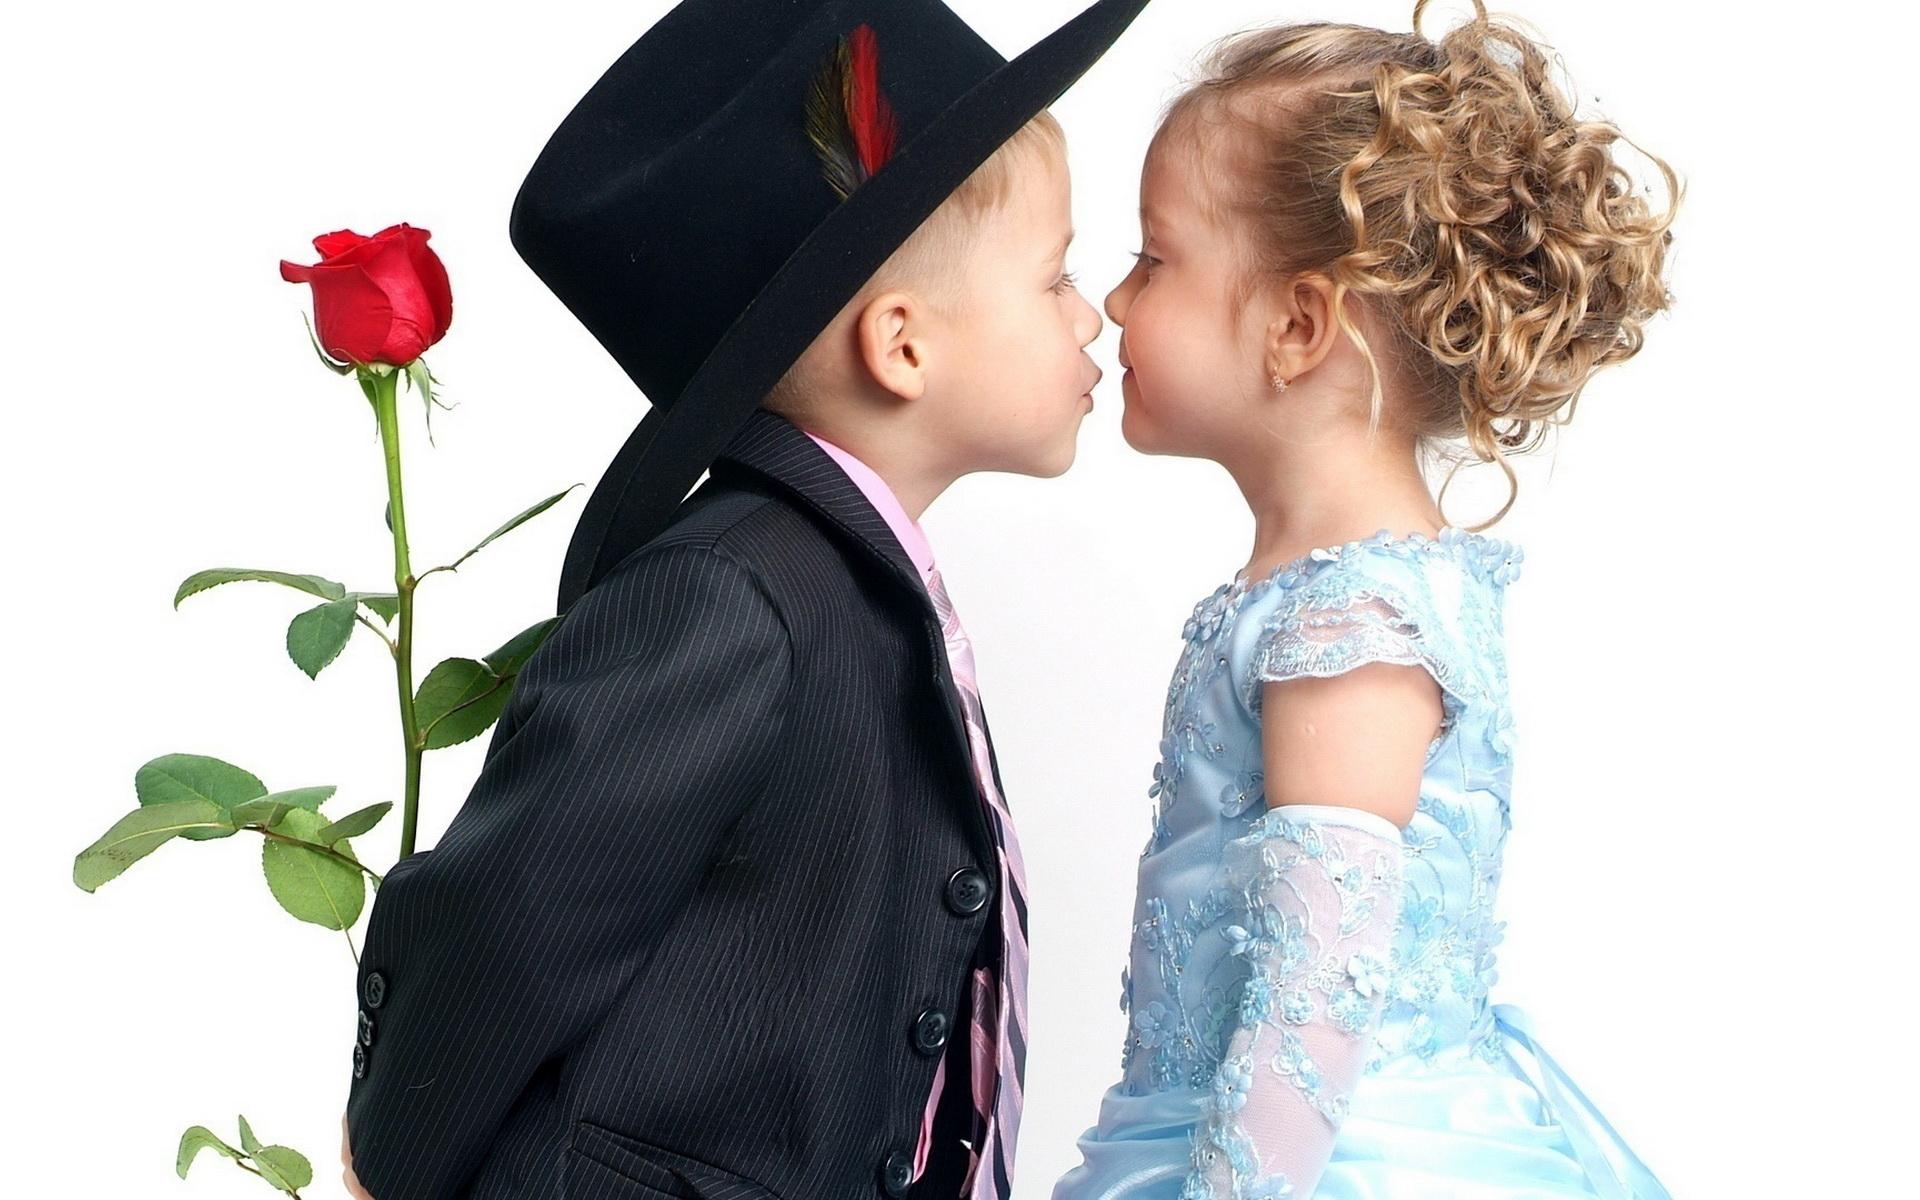 Мальчик и девочка - обои для рабочего стола, картинки, фото